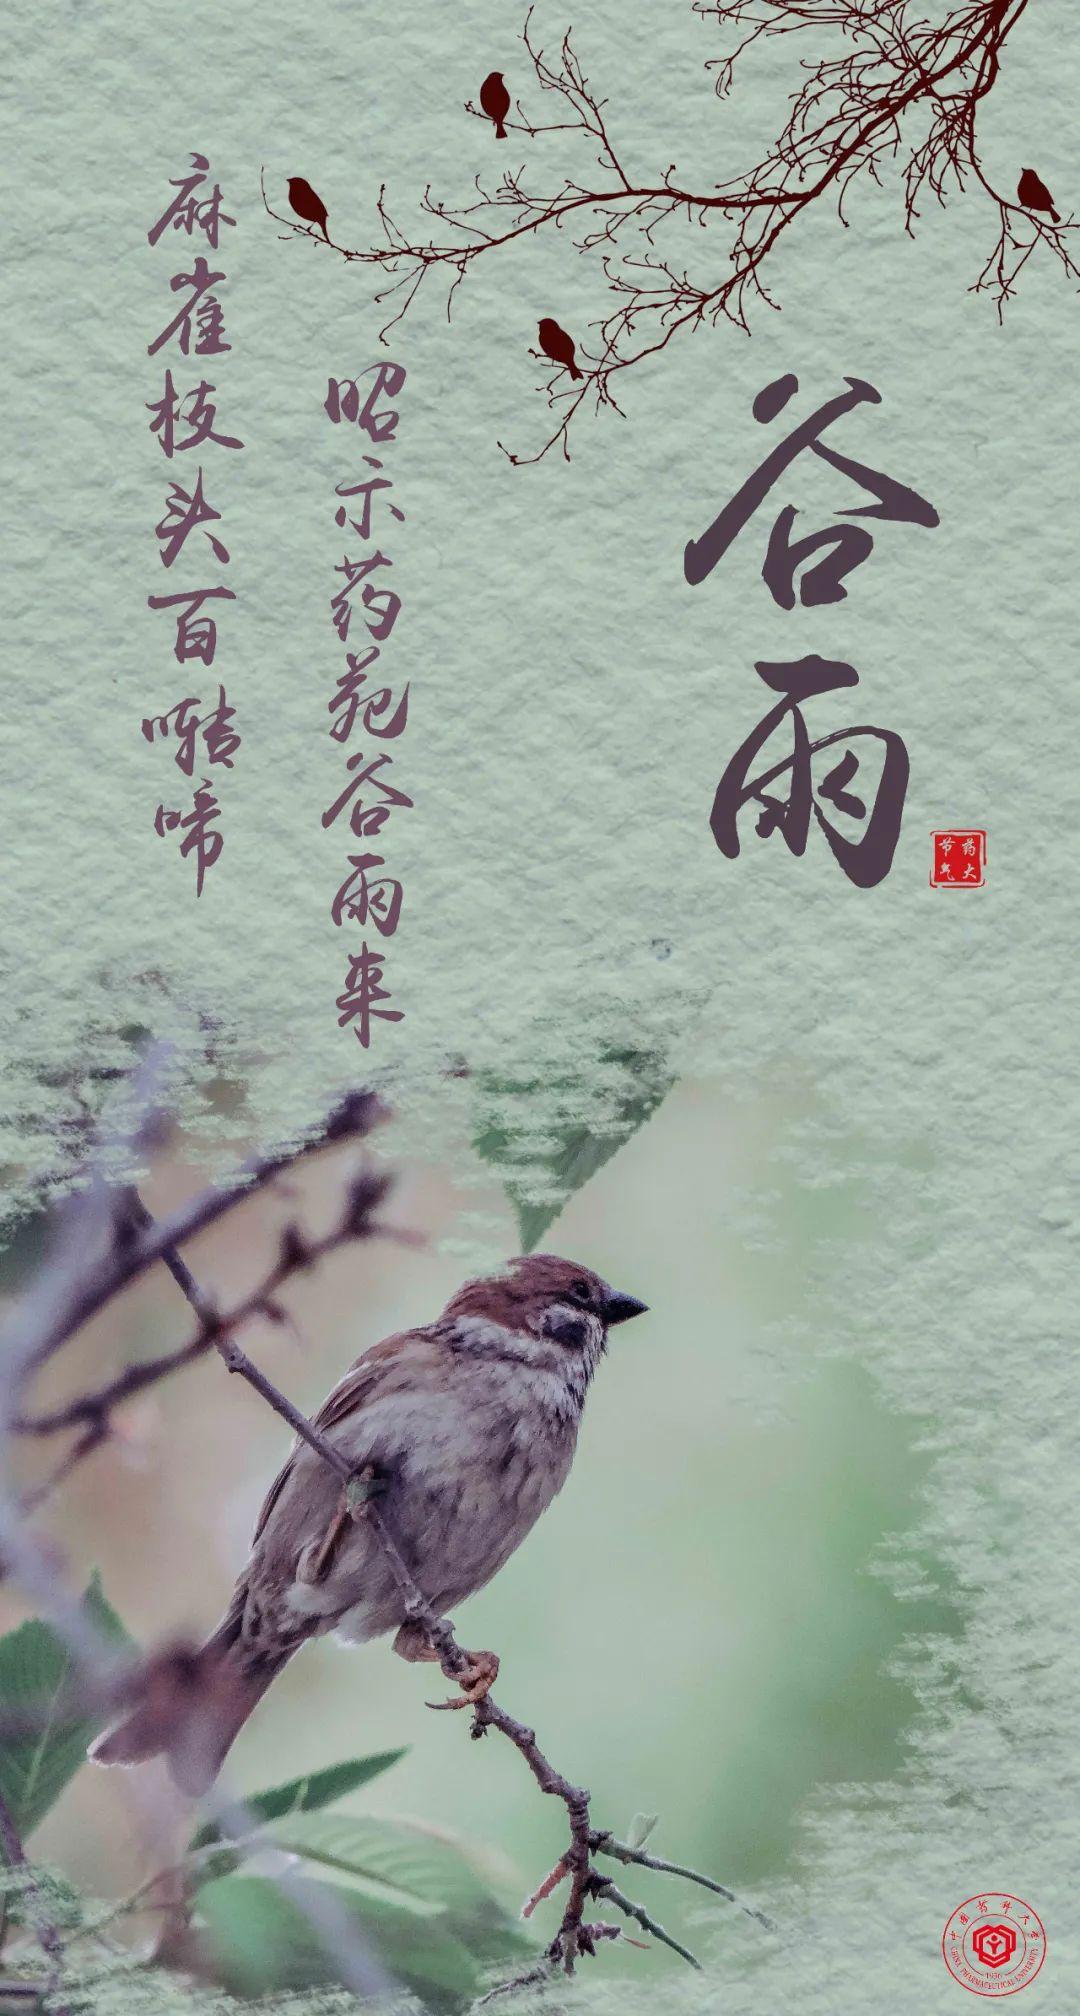 麻雀枝头百啭啼,昭示药苑谷雨来图片